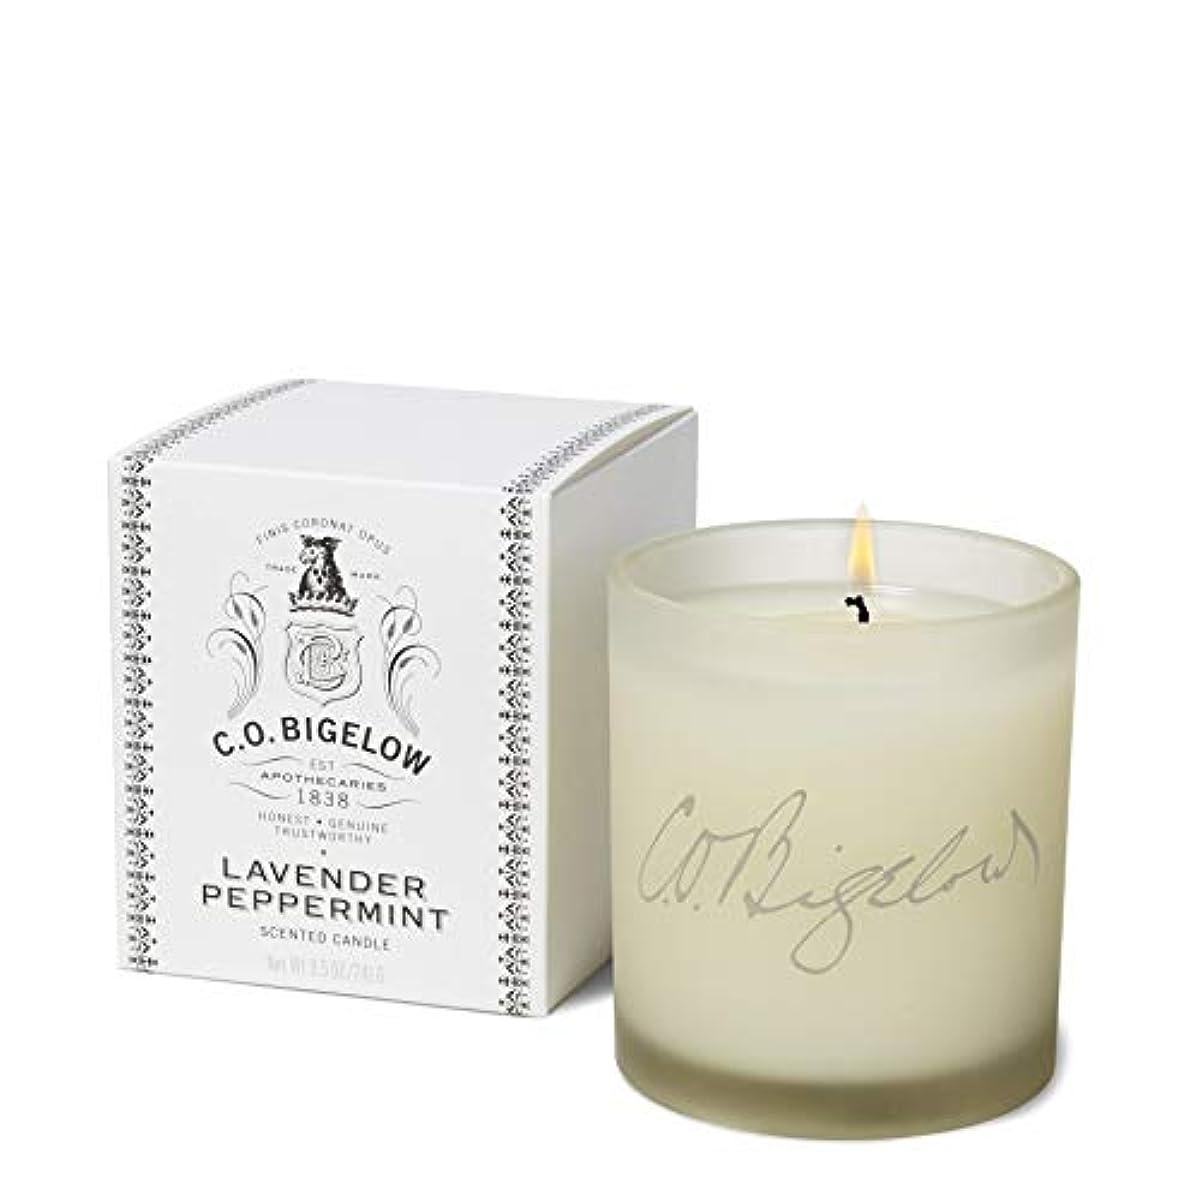 抜粋透ける爆風[C.O. Bigelow] C.O.ビゲローラベンダーペパーミントキャンドル - C.O. Bigelow Lavender Peppermint Candle [並行輸入品]